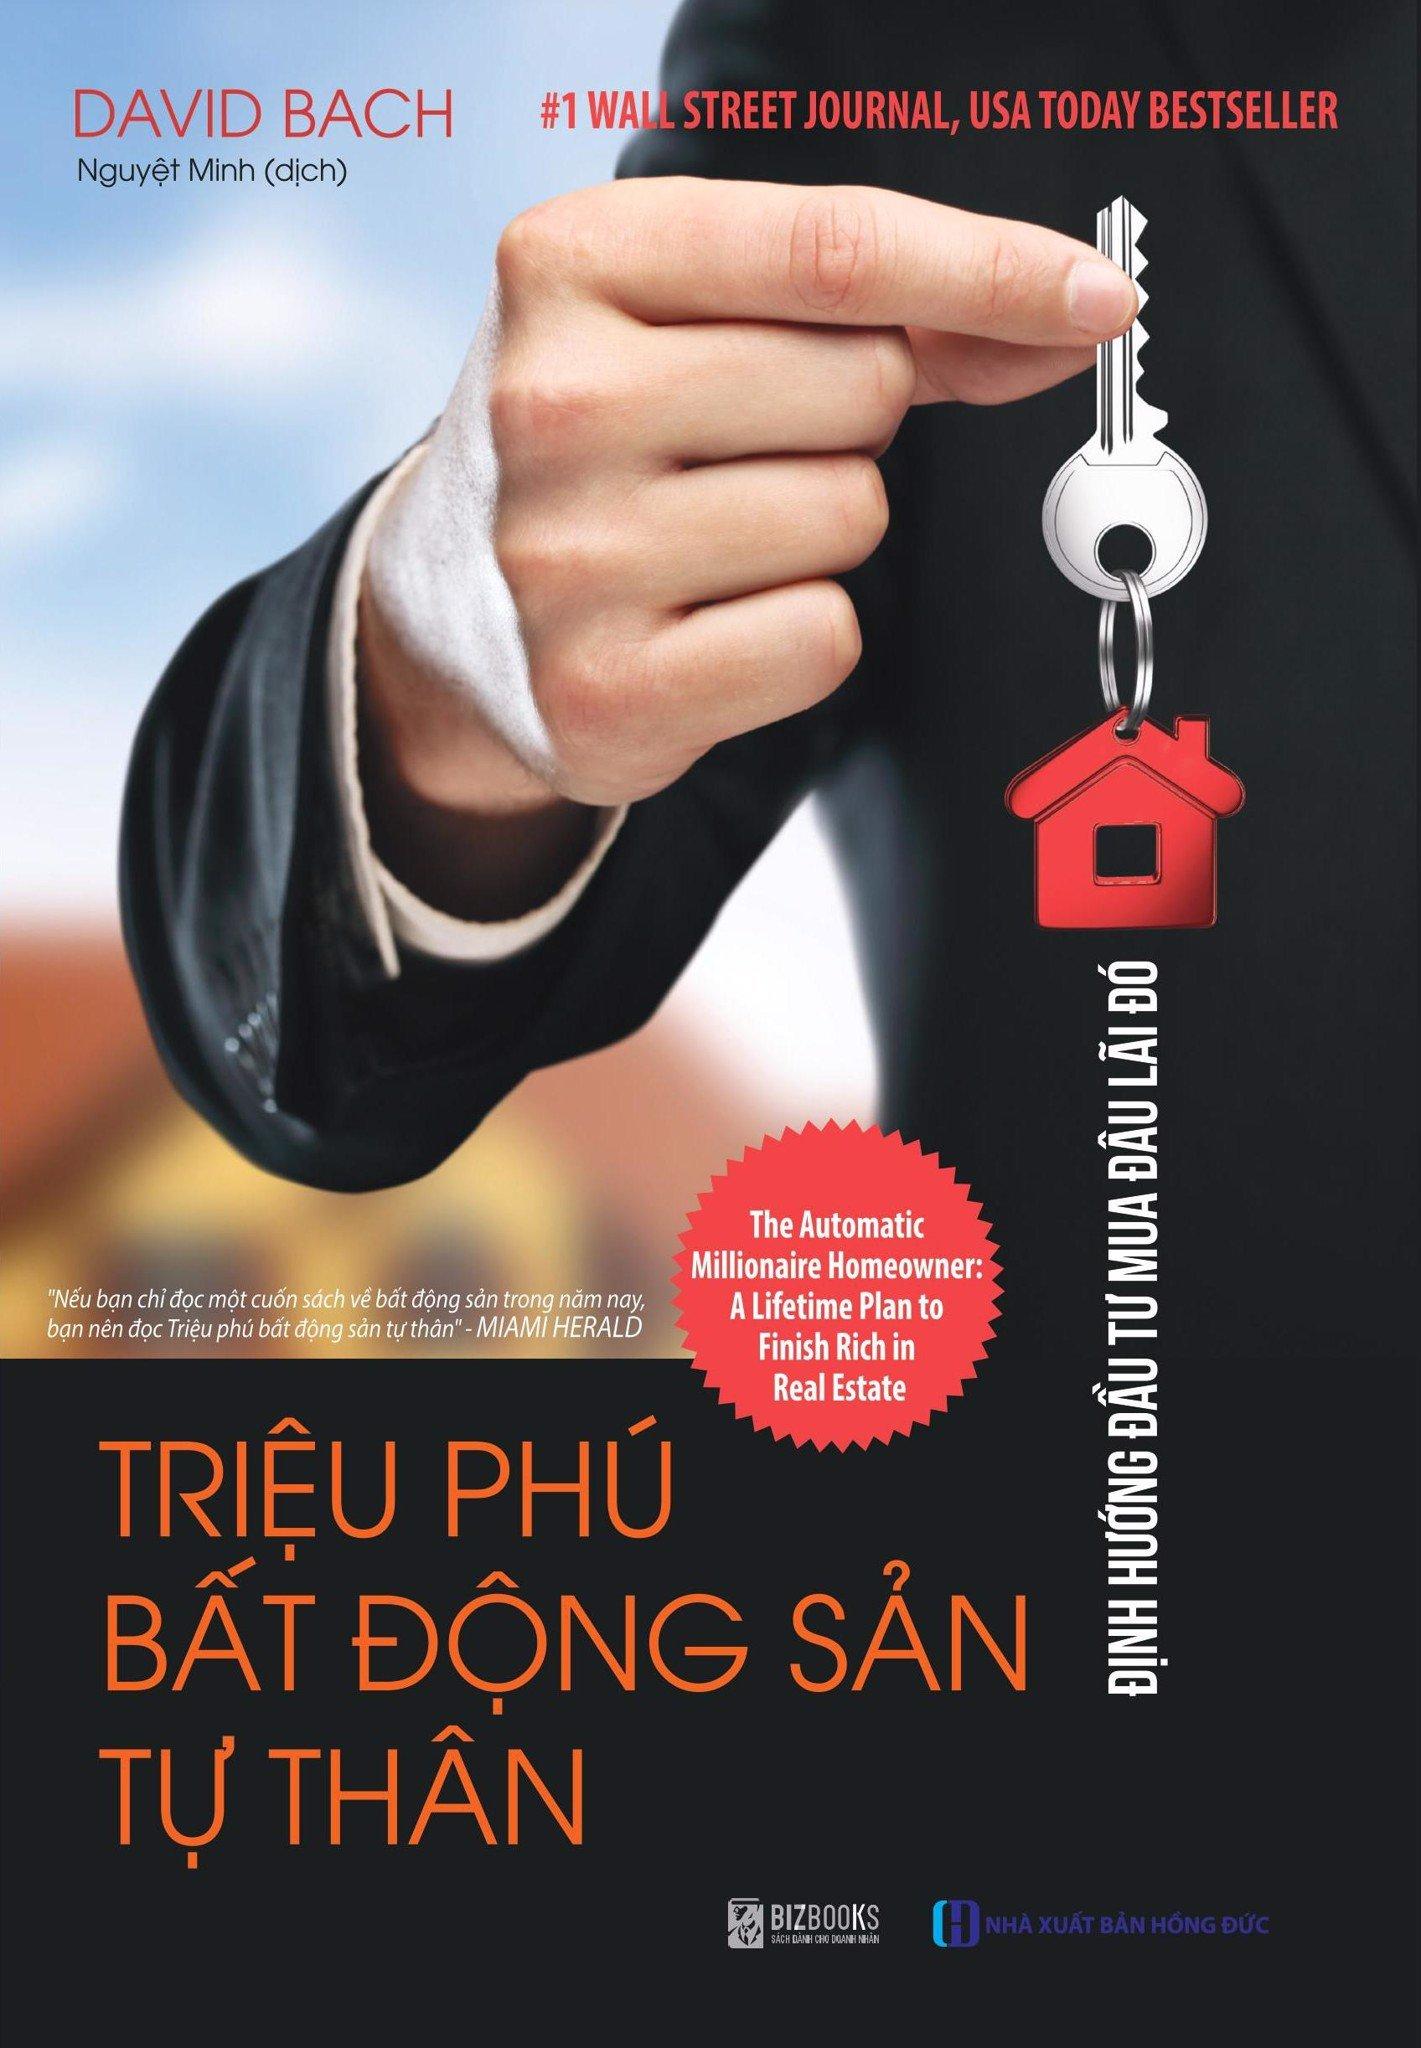 Triệu Phú Bất Động Sản Tư Thân: Định Hướng Đầu Tư Mua Đâu Lãi Đó – Cửa hàng  sách chính hãng BIZBOOKS